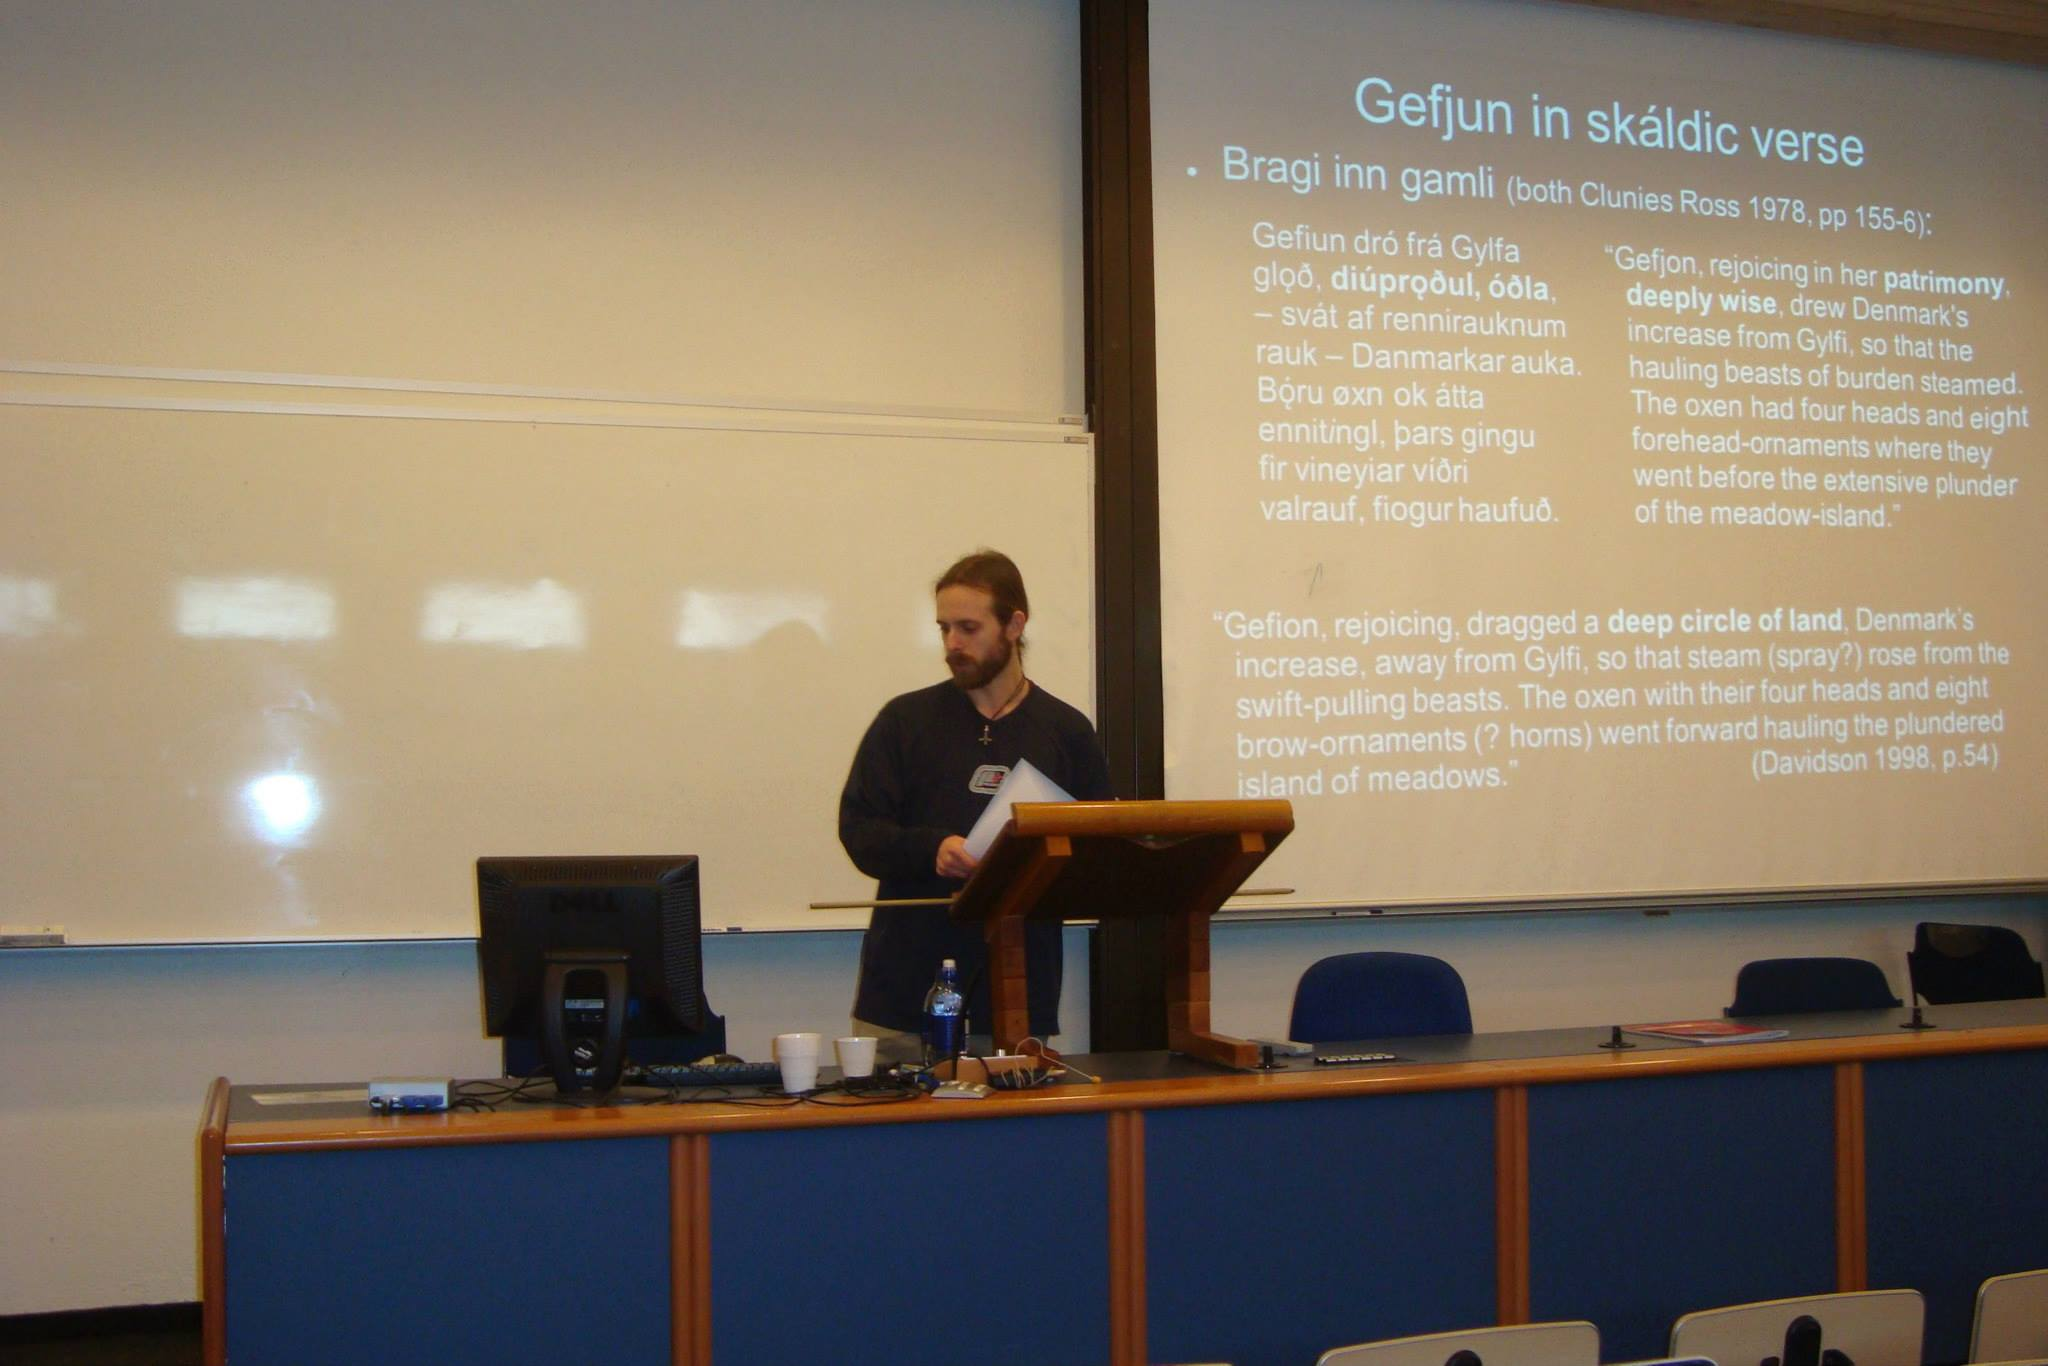 Kevin French presenting at the 2014 Háskóli Íslands student conference. Photographer Unknown.